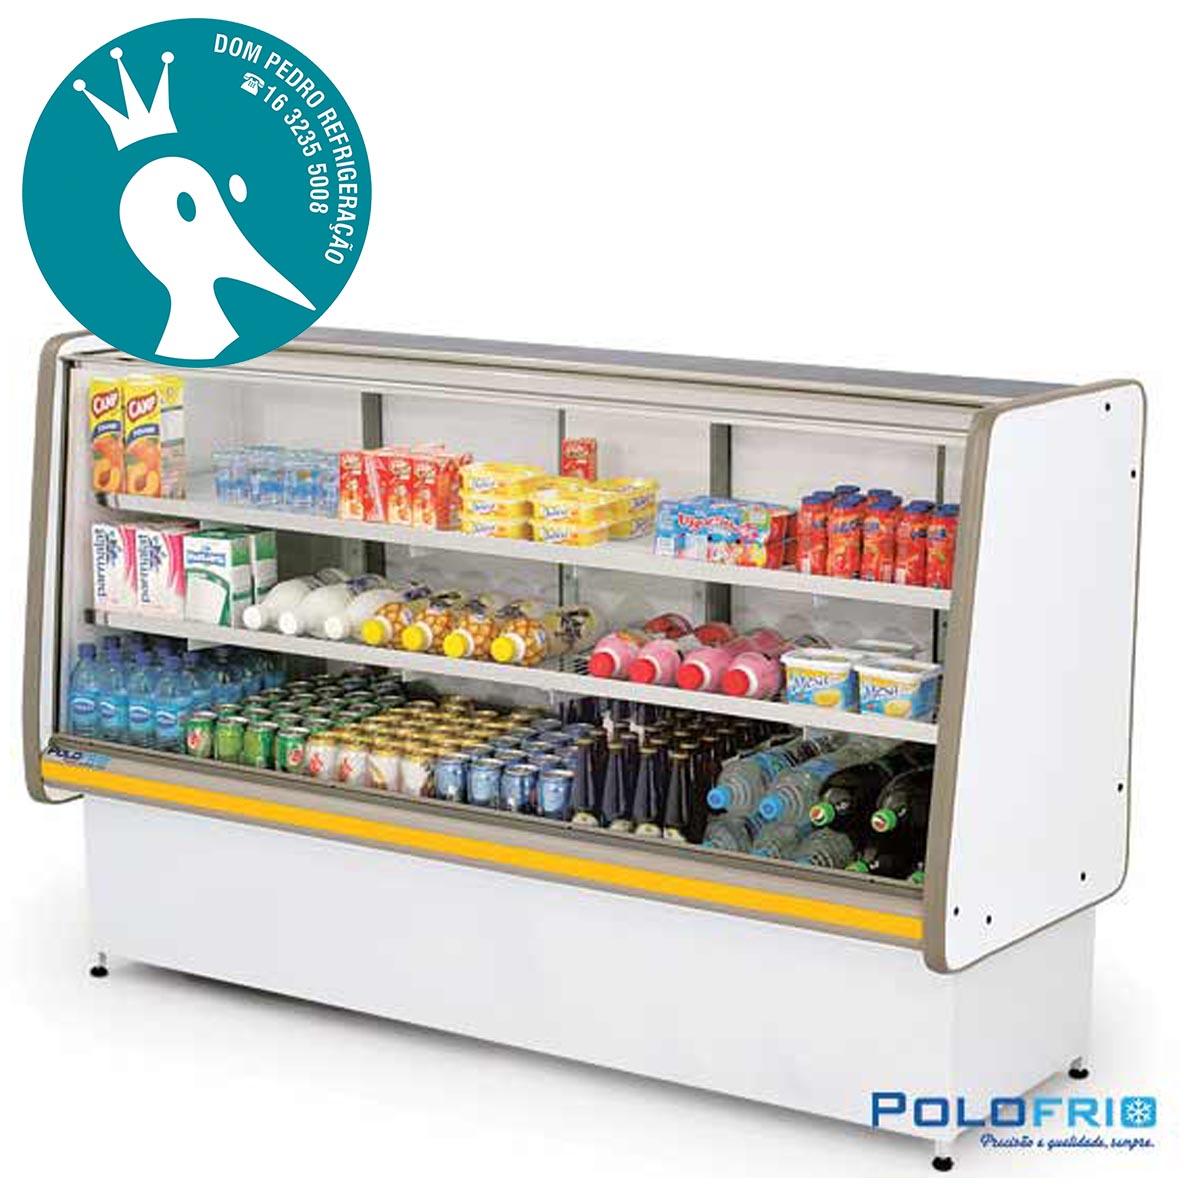 Balcão Refrigerado Pop Luxo Vidro Reto 1,00 - Polofrio